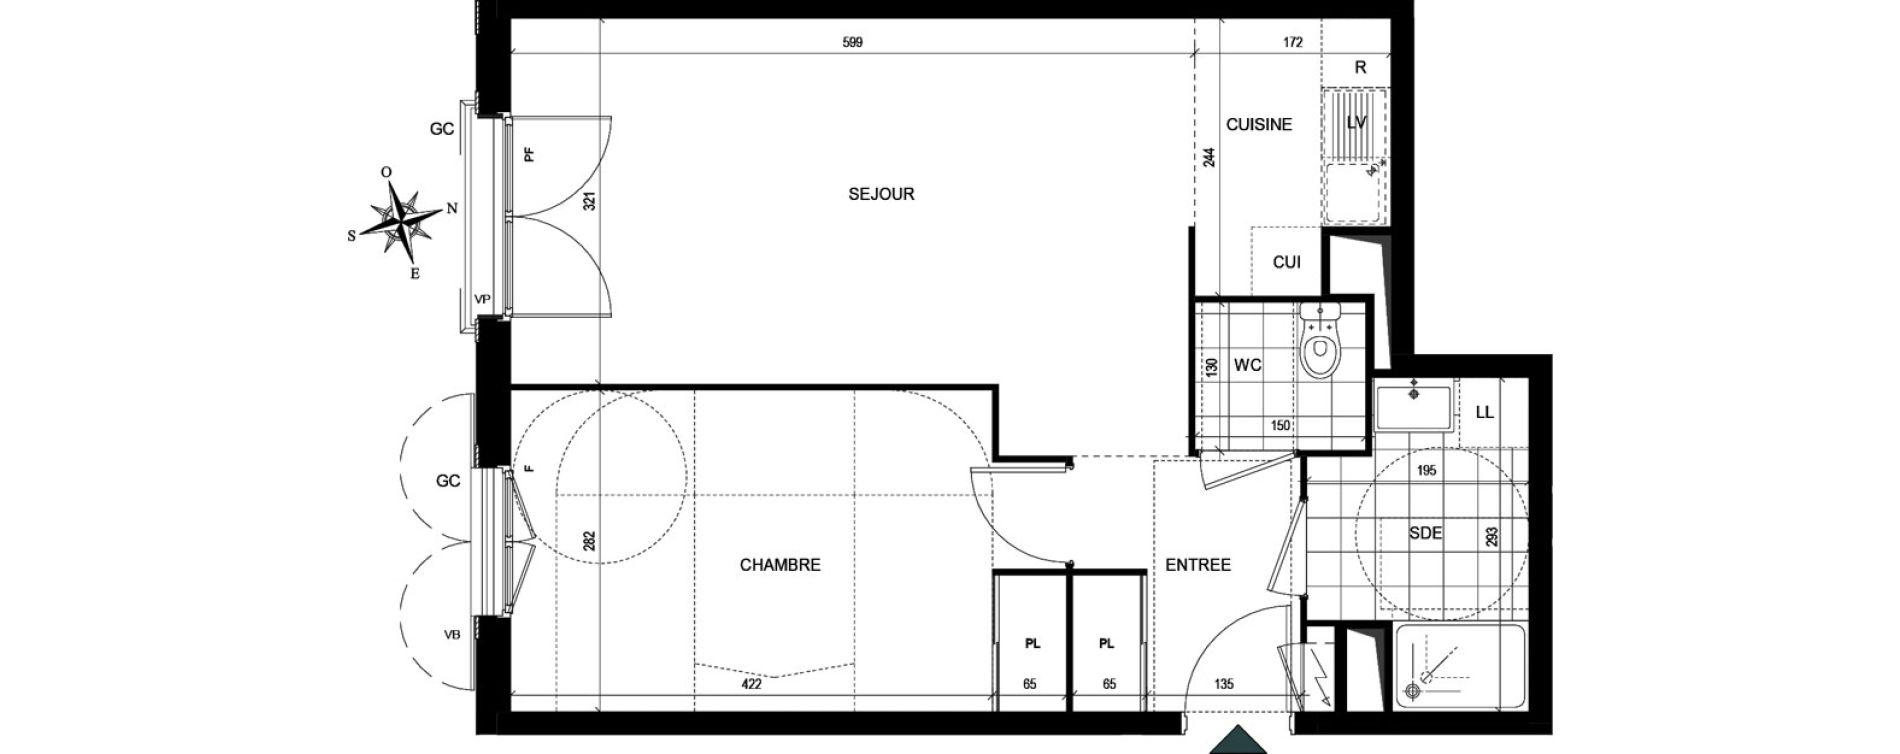 Appartement T2 de 48,45 m2 à Villiers-Le-Bel Village - val roger